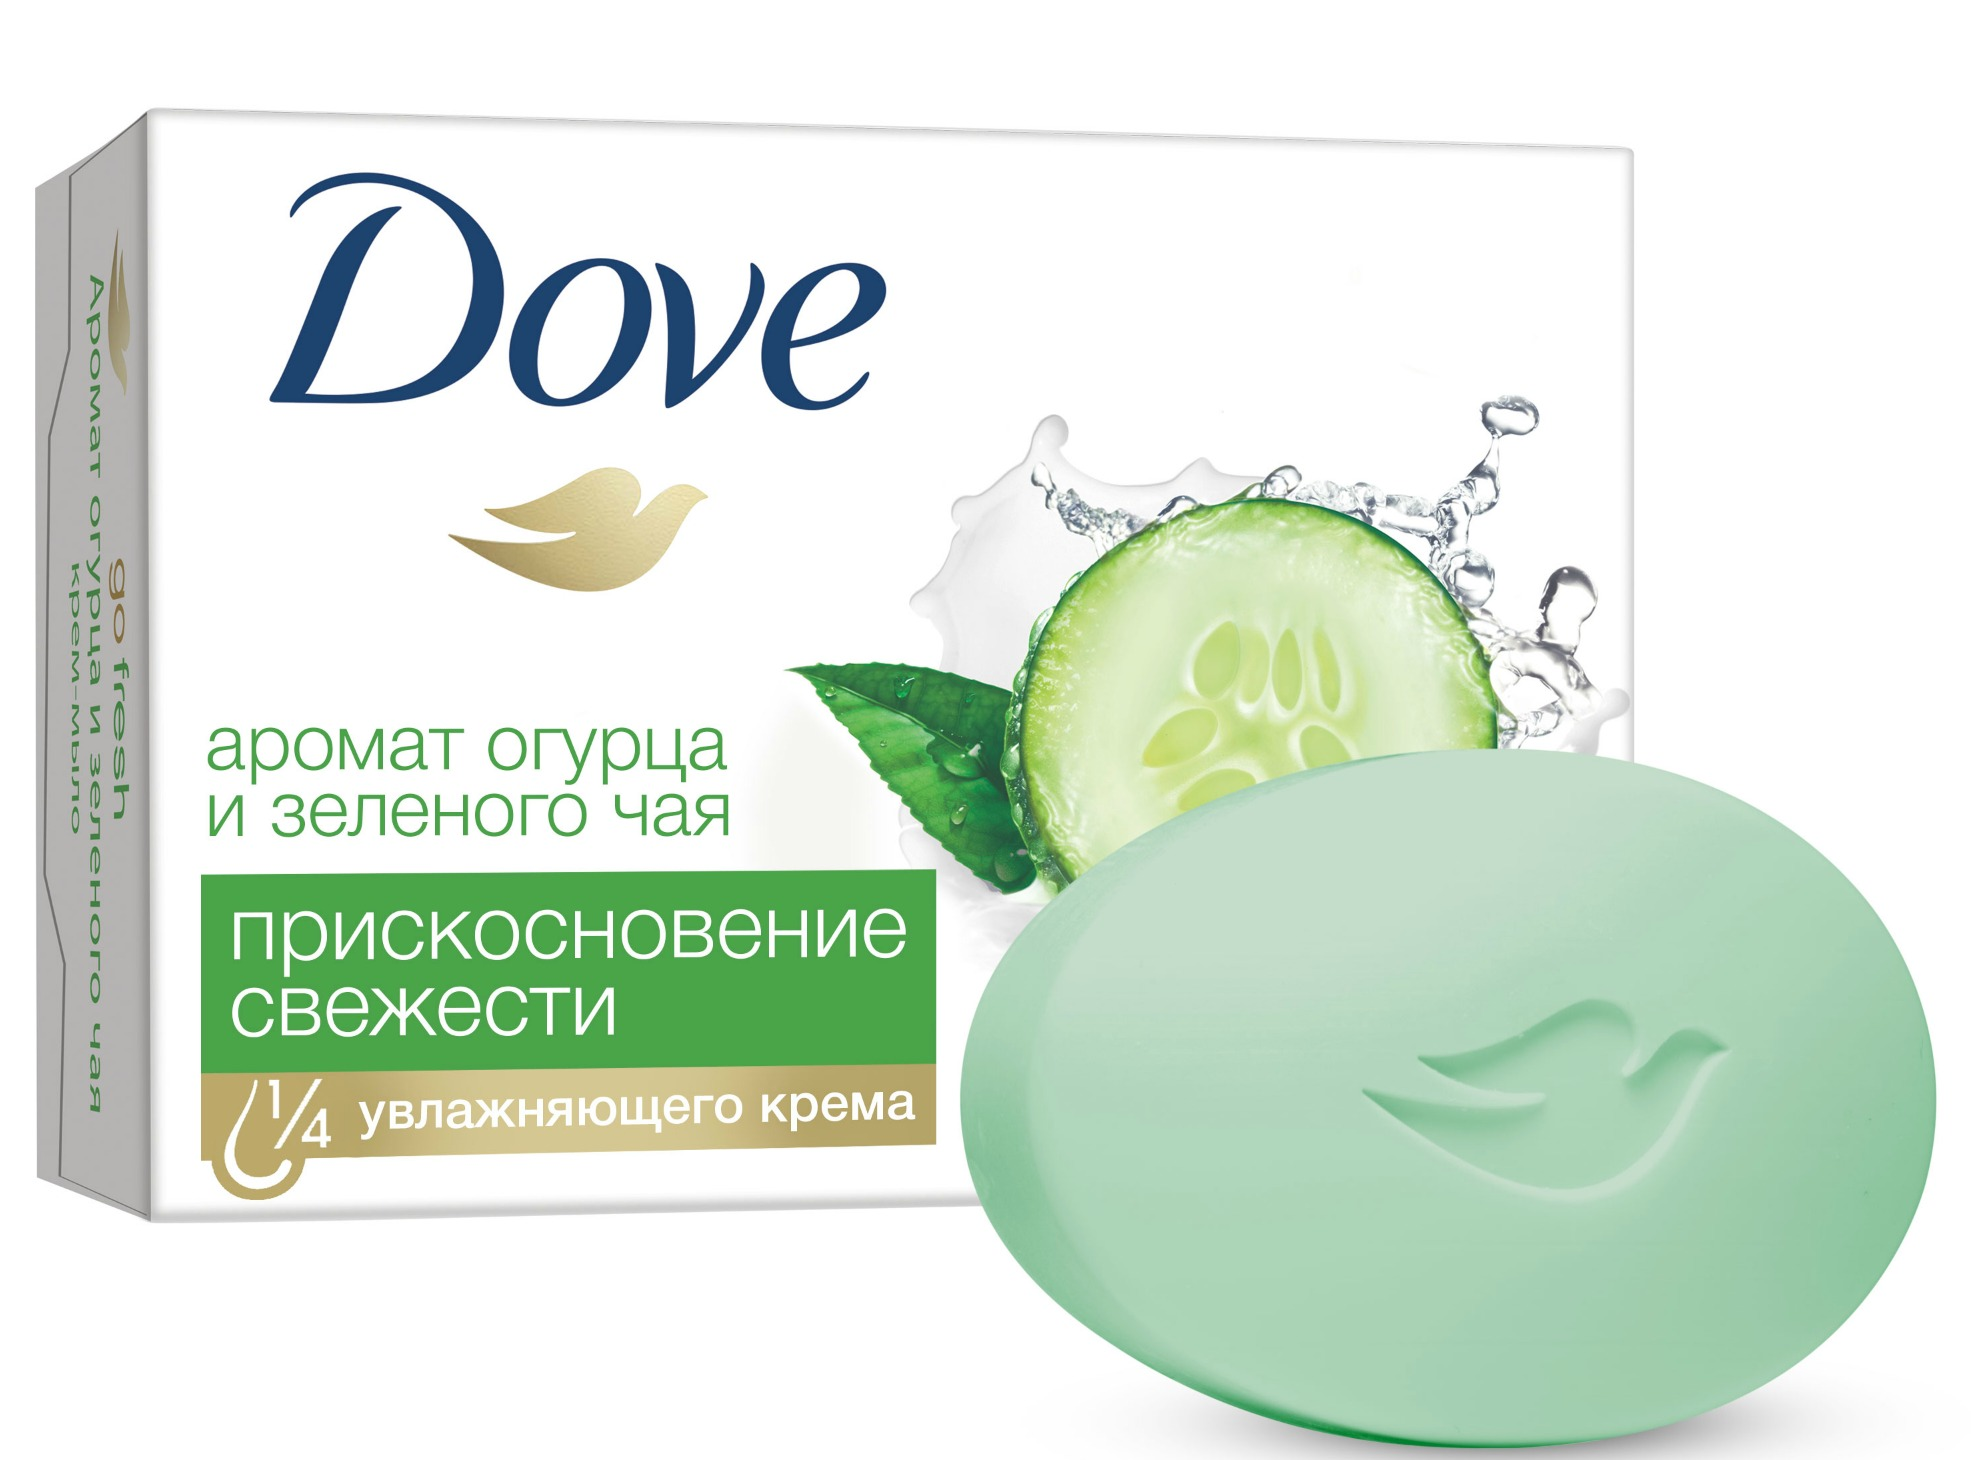 Дав Крем-мыло Прикосновение свежести Dove